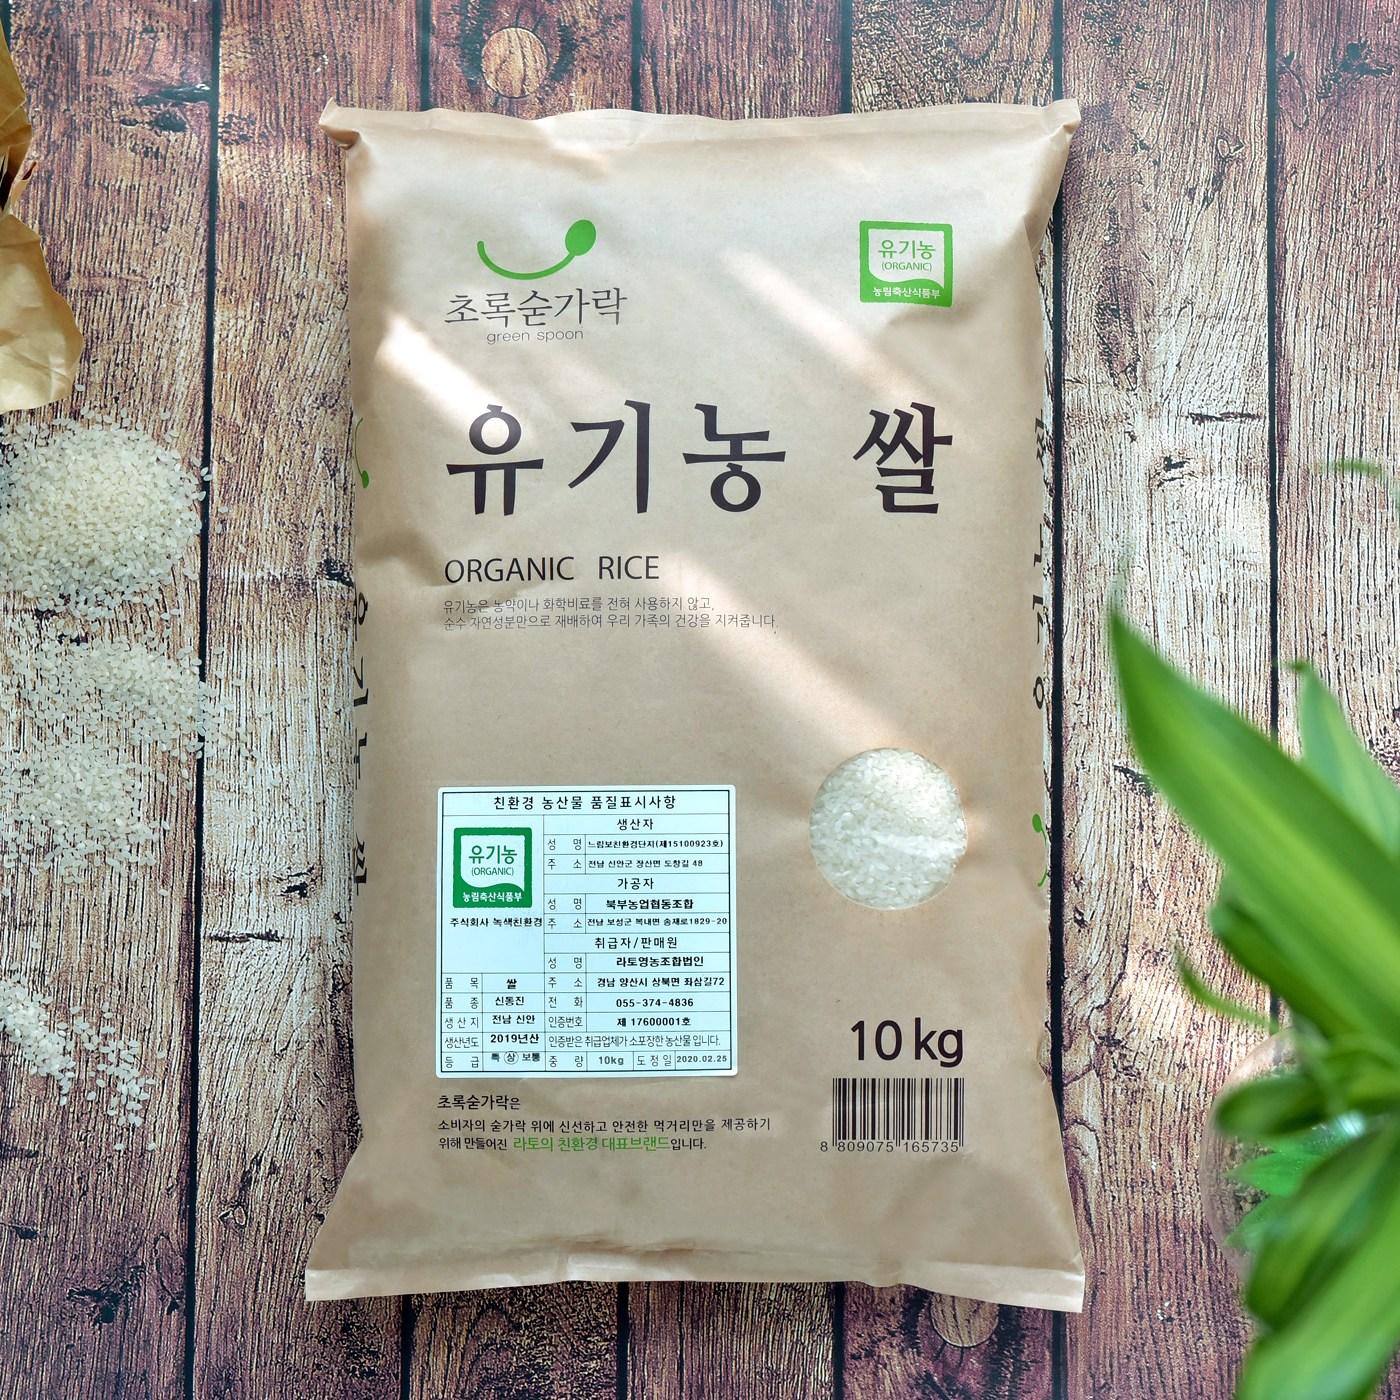 [초록숟가락] 유기농쌀 10kg 국내산 무농약 단일품종 신동진쌀 백미, 1포